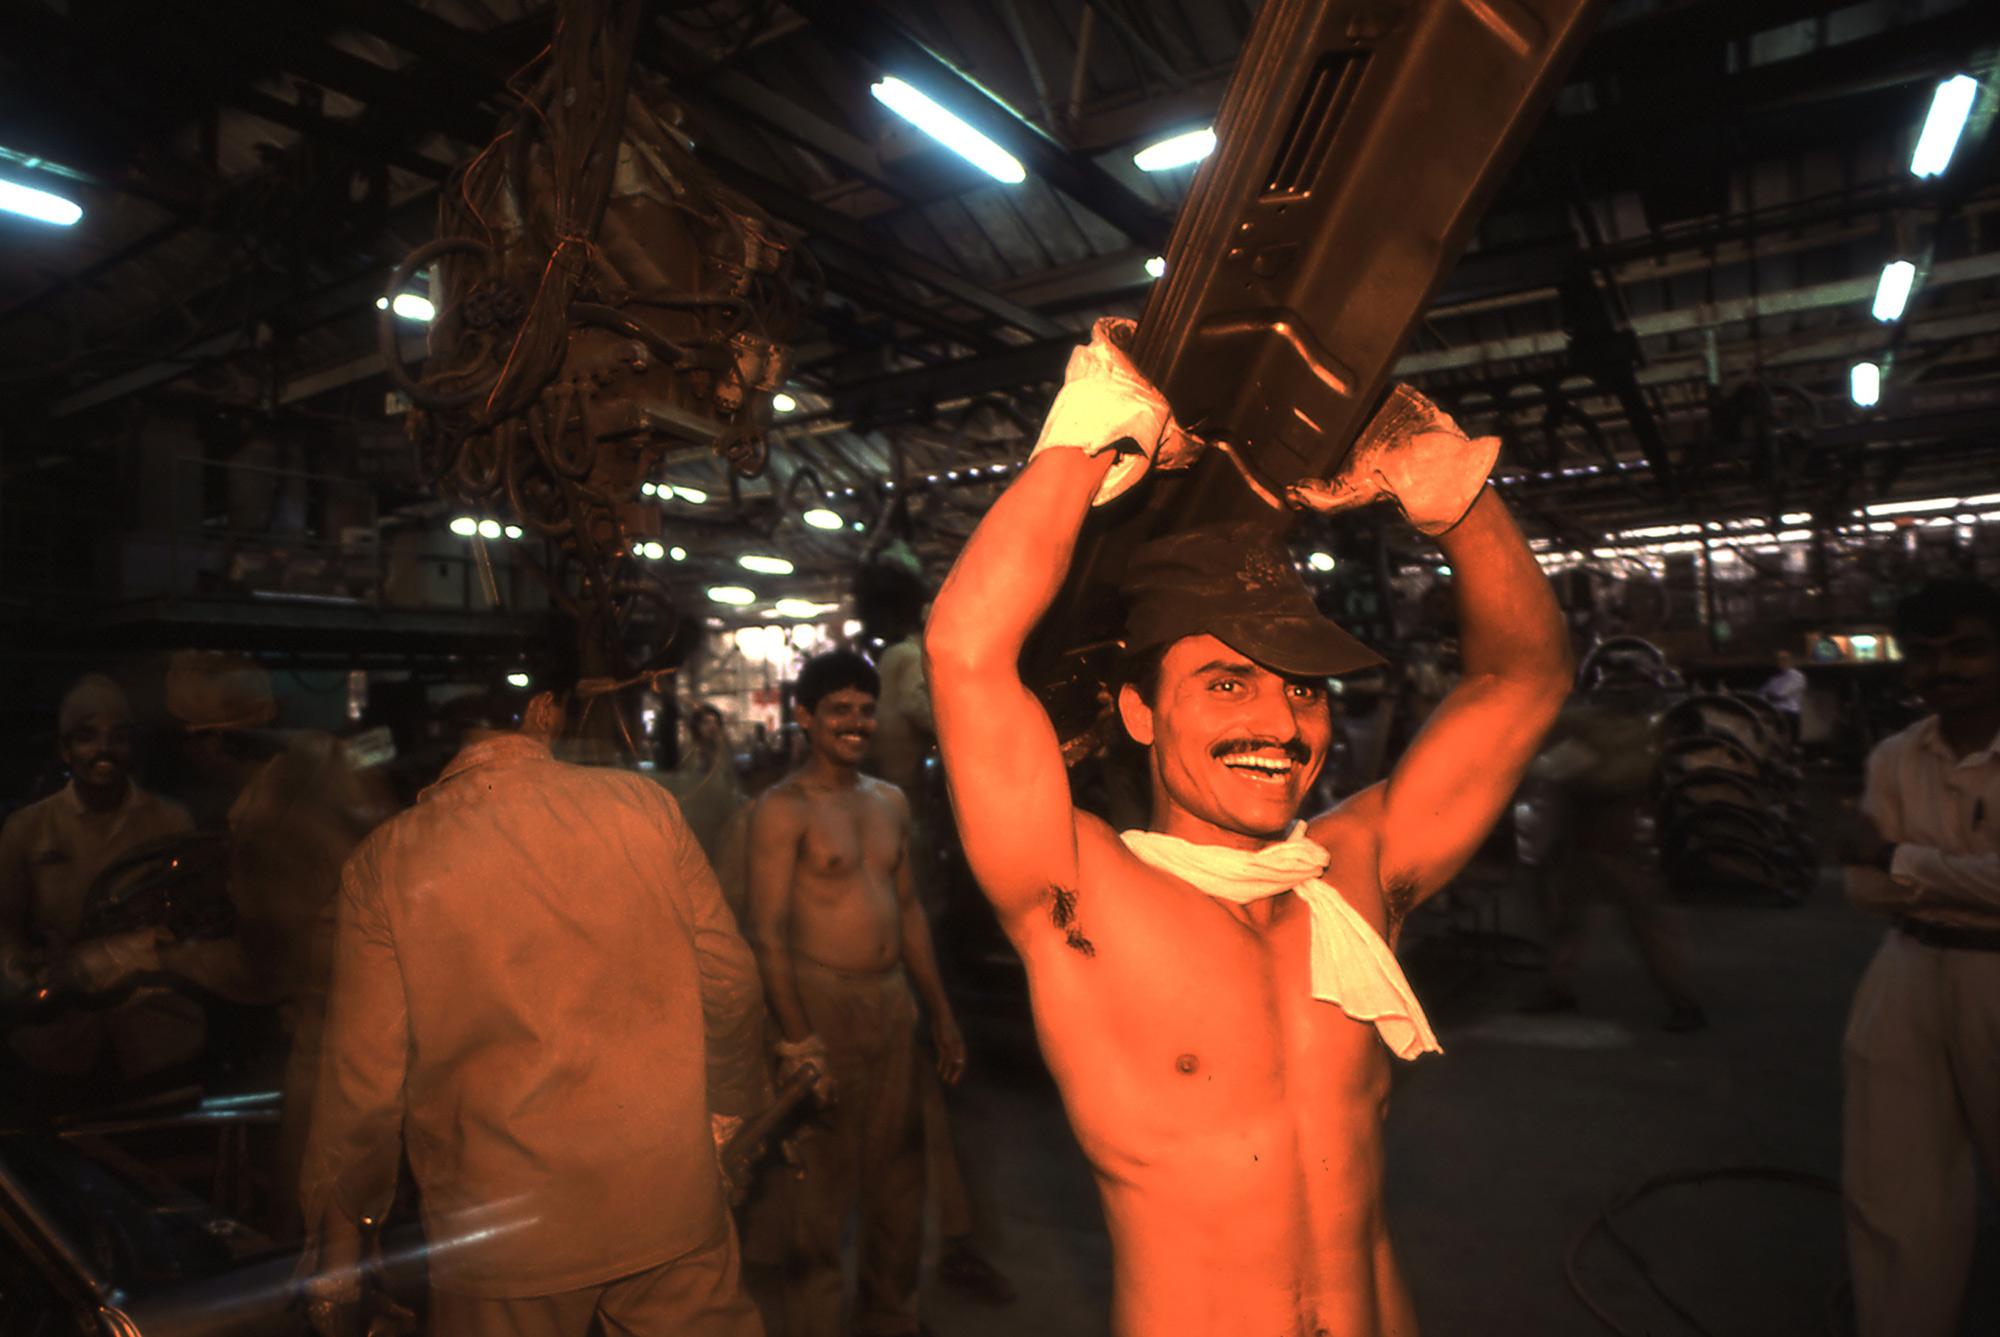 Padmiri's workers